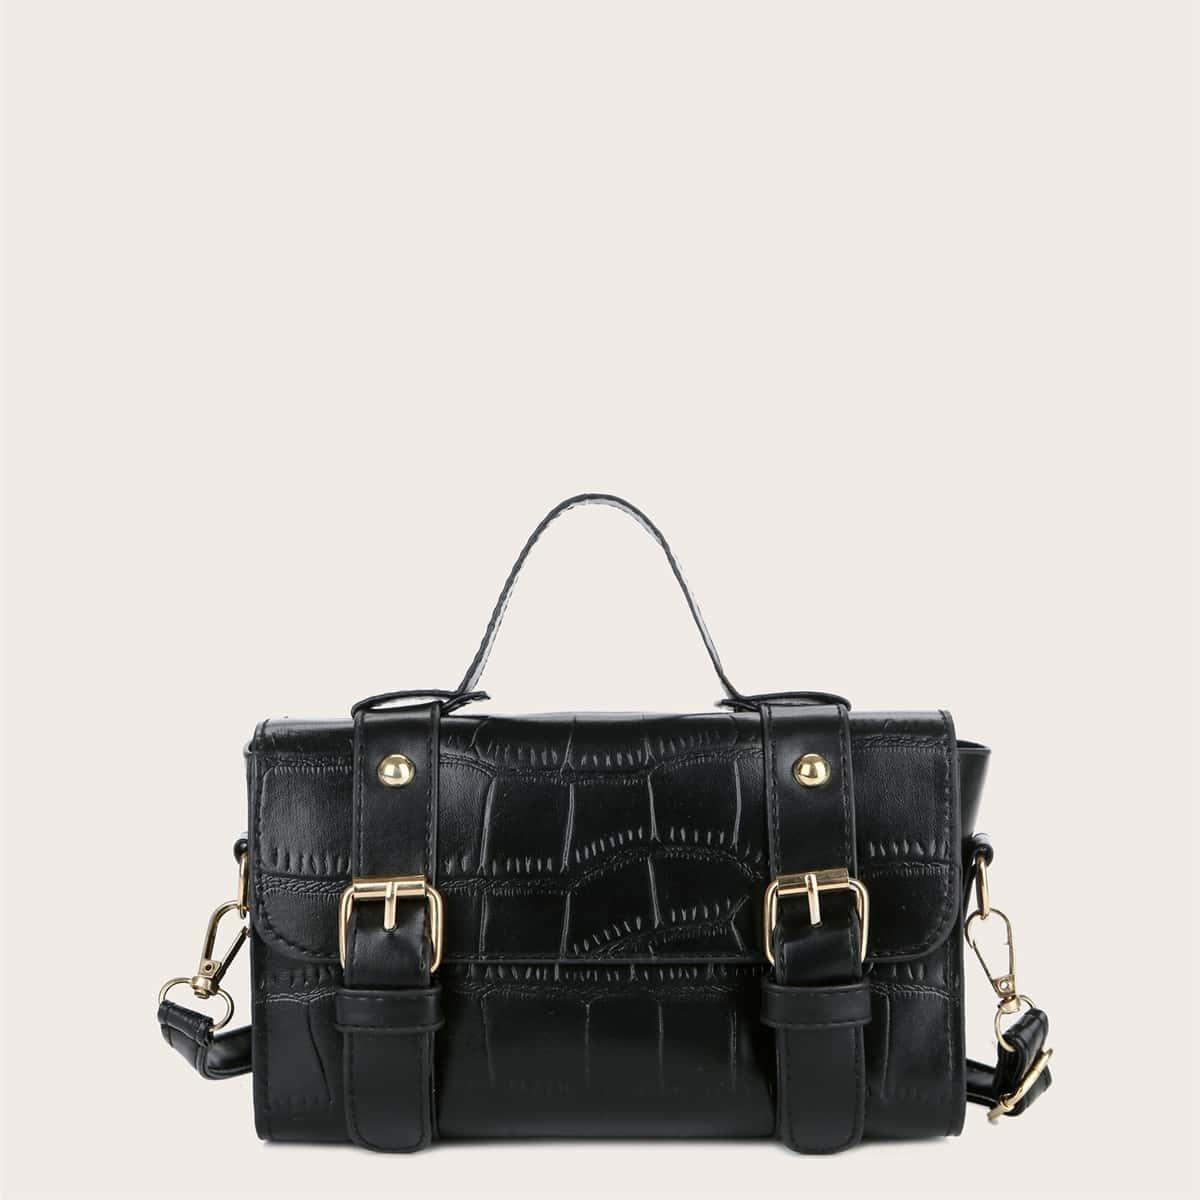 Bolsa cartera con doble hebilla con diseño de cocodrilo